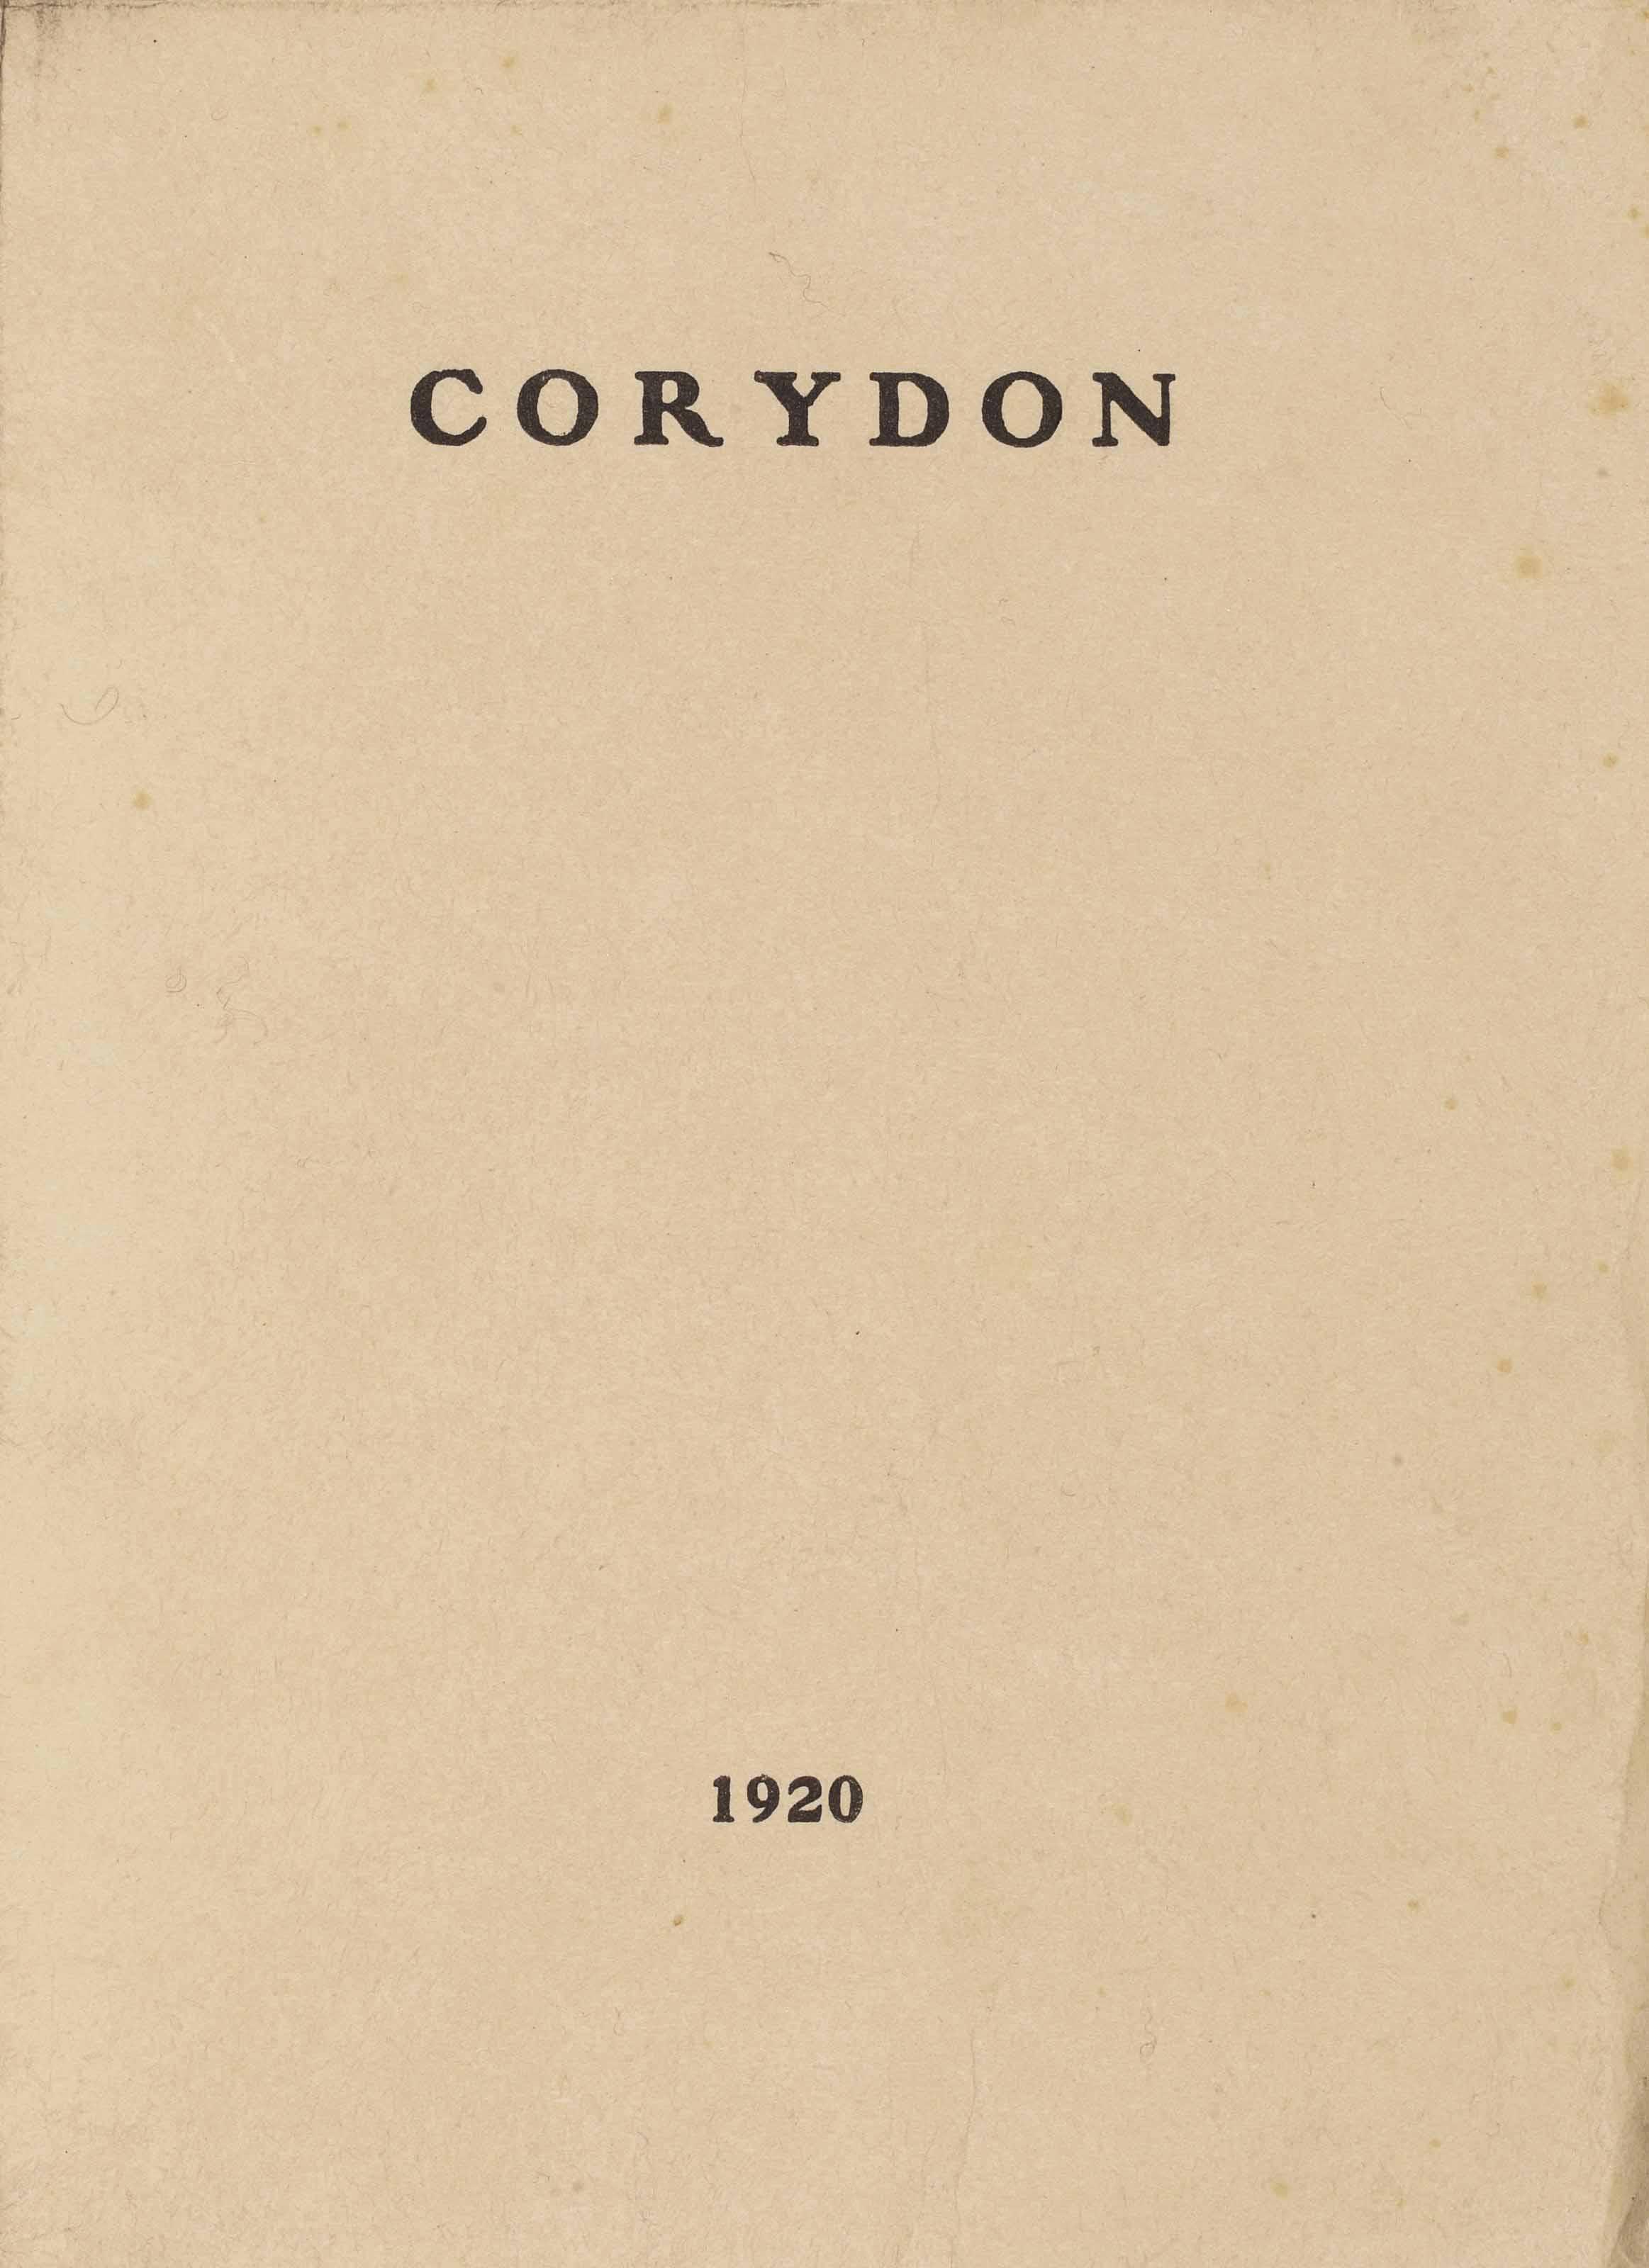 [André GIDE (1869-1951)]. Corydon. Quatre dialogues socratiques. 1920. In-8 (198 x 140 mm). Broché, couverture imprimée de papier Japon rempliée.